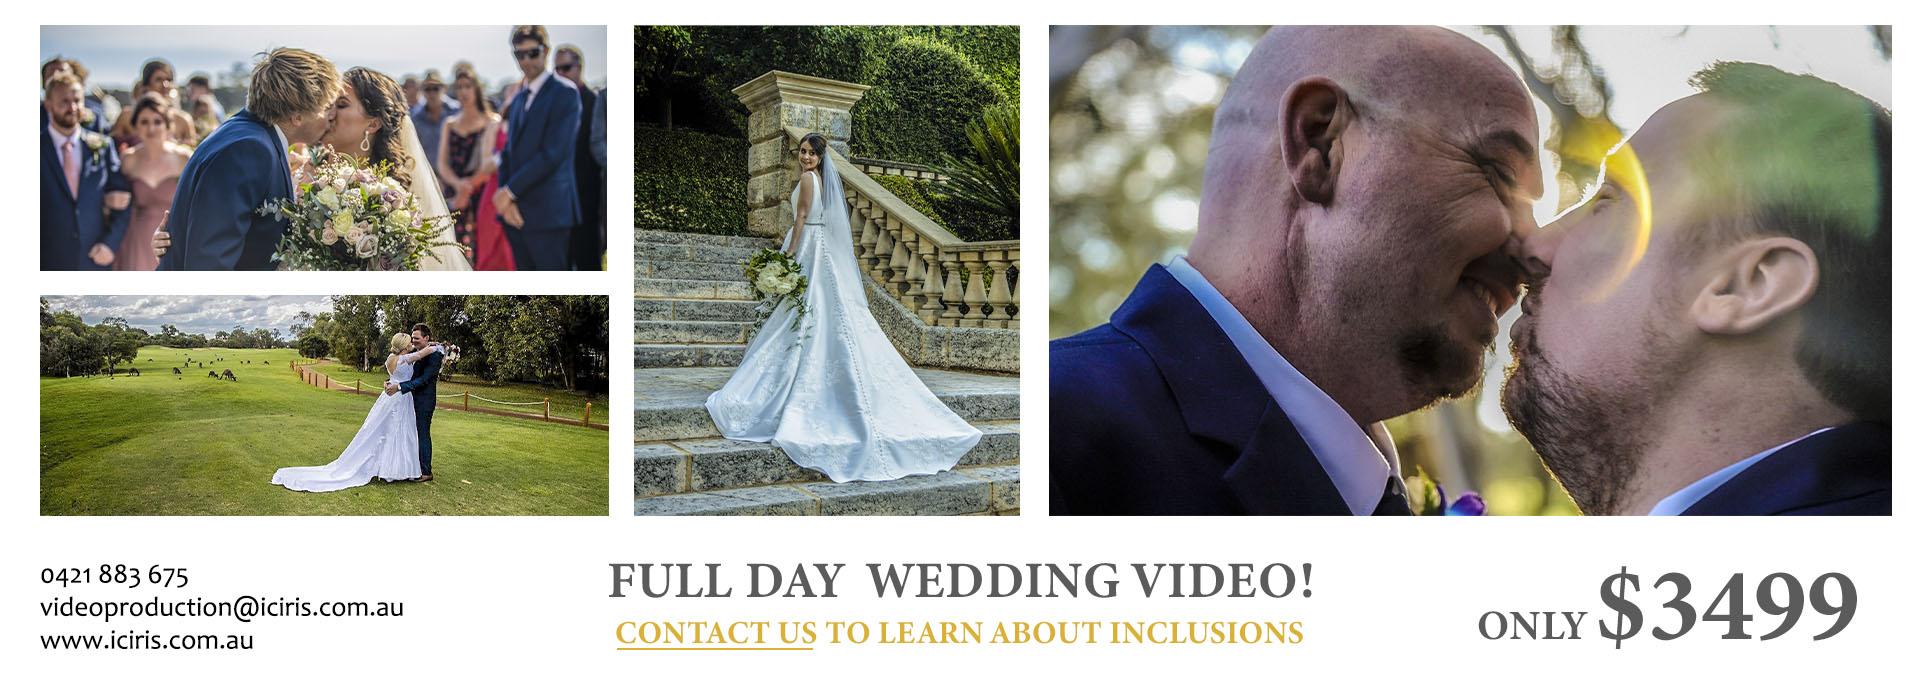 Full Day Video 2